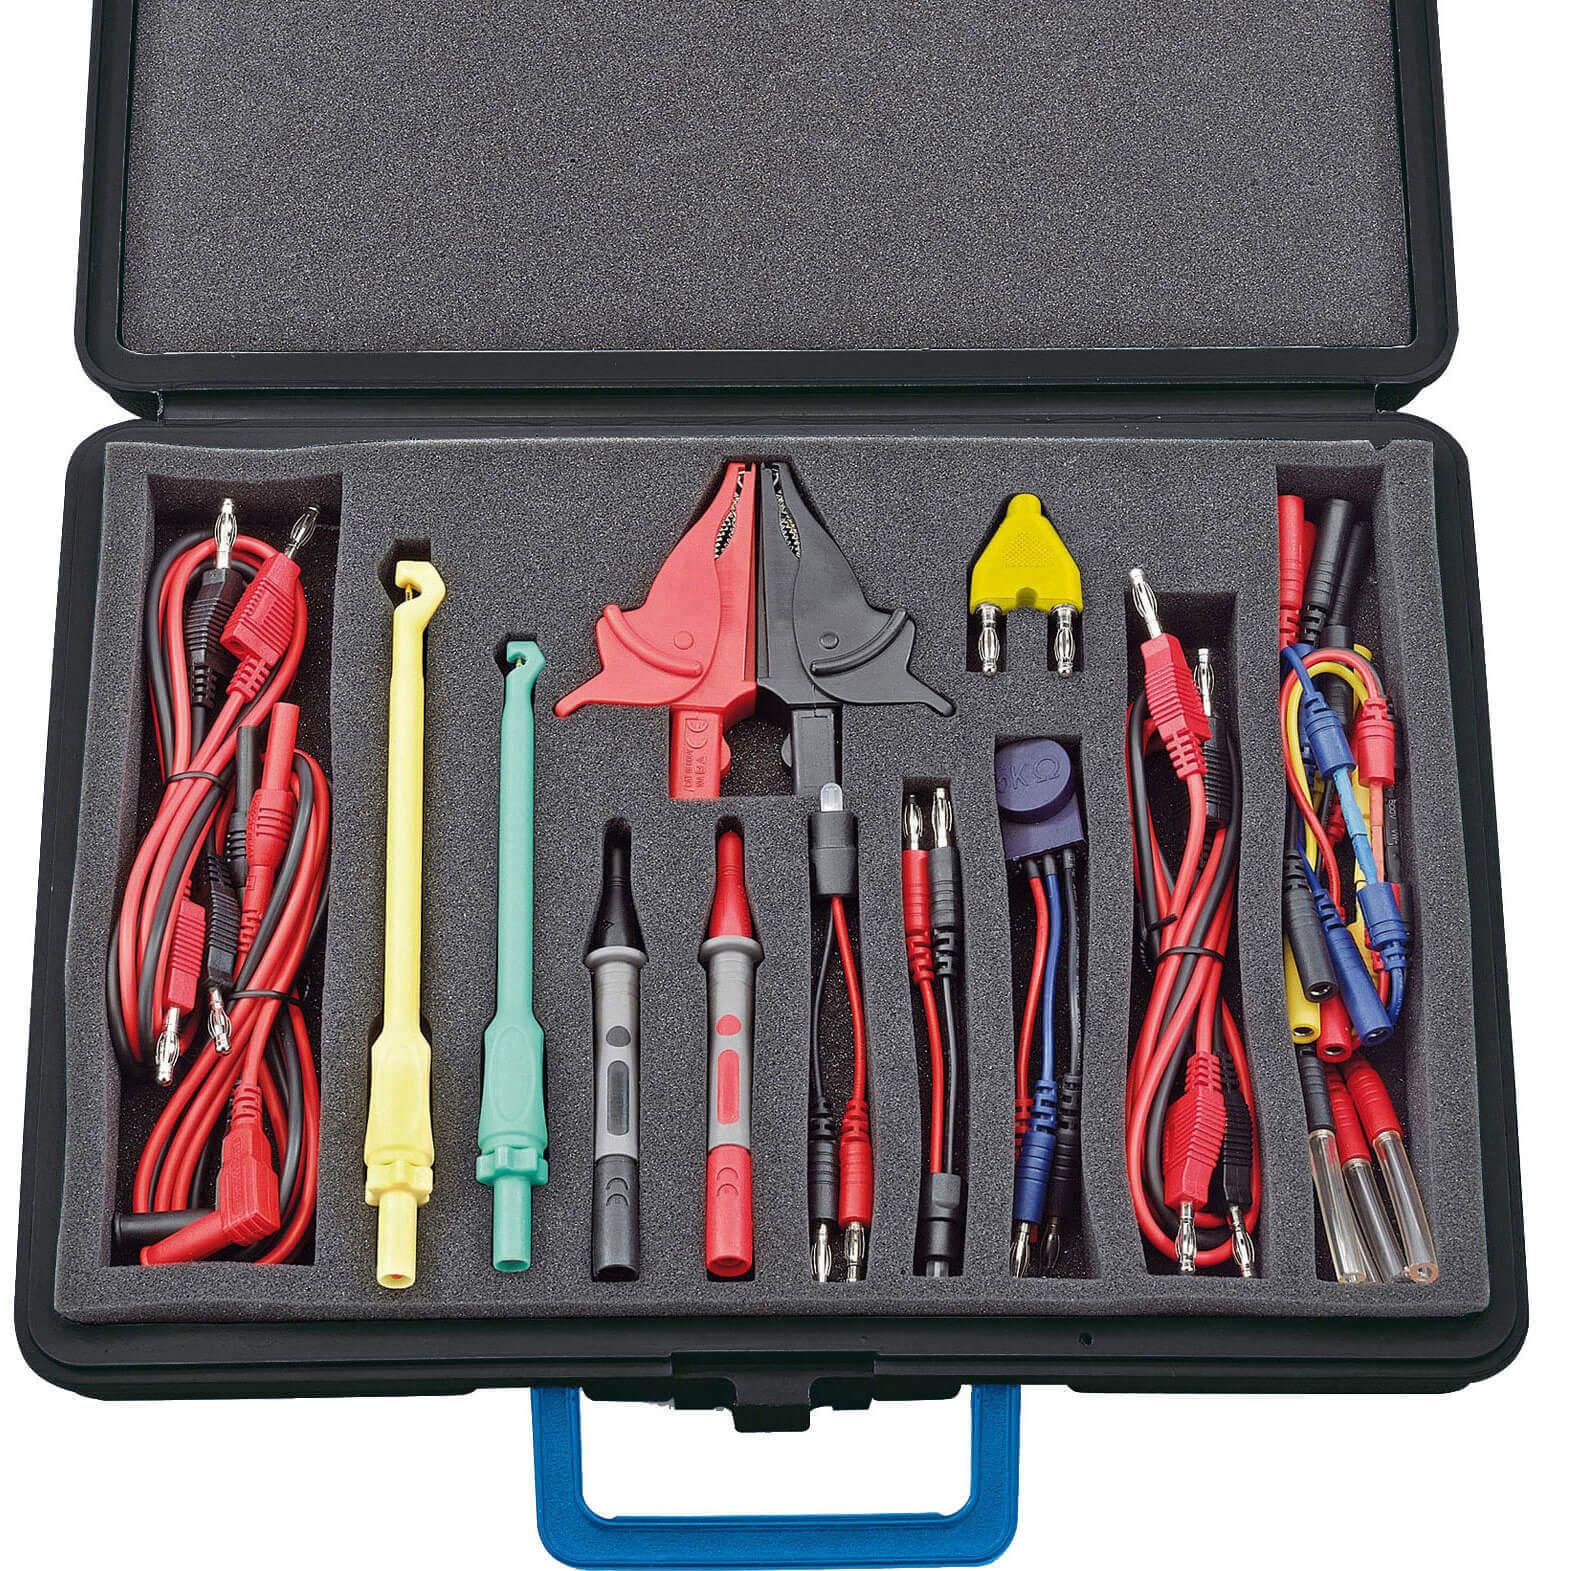 Image of Draper Expert 28 Piece Automotive Diagnostic Test Lead Kit